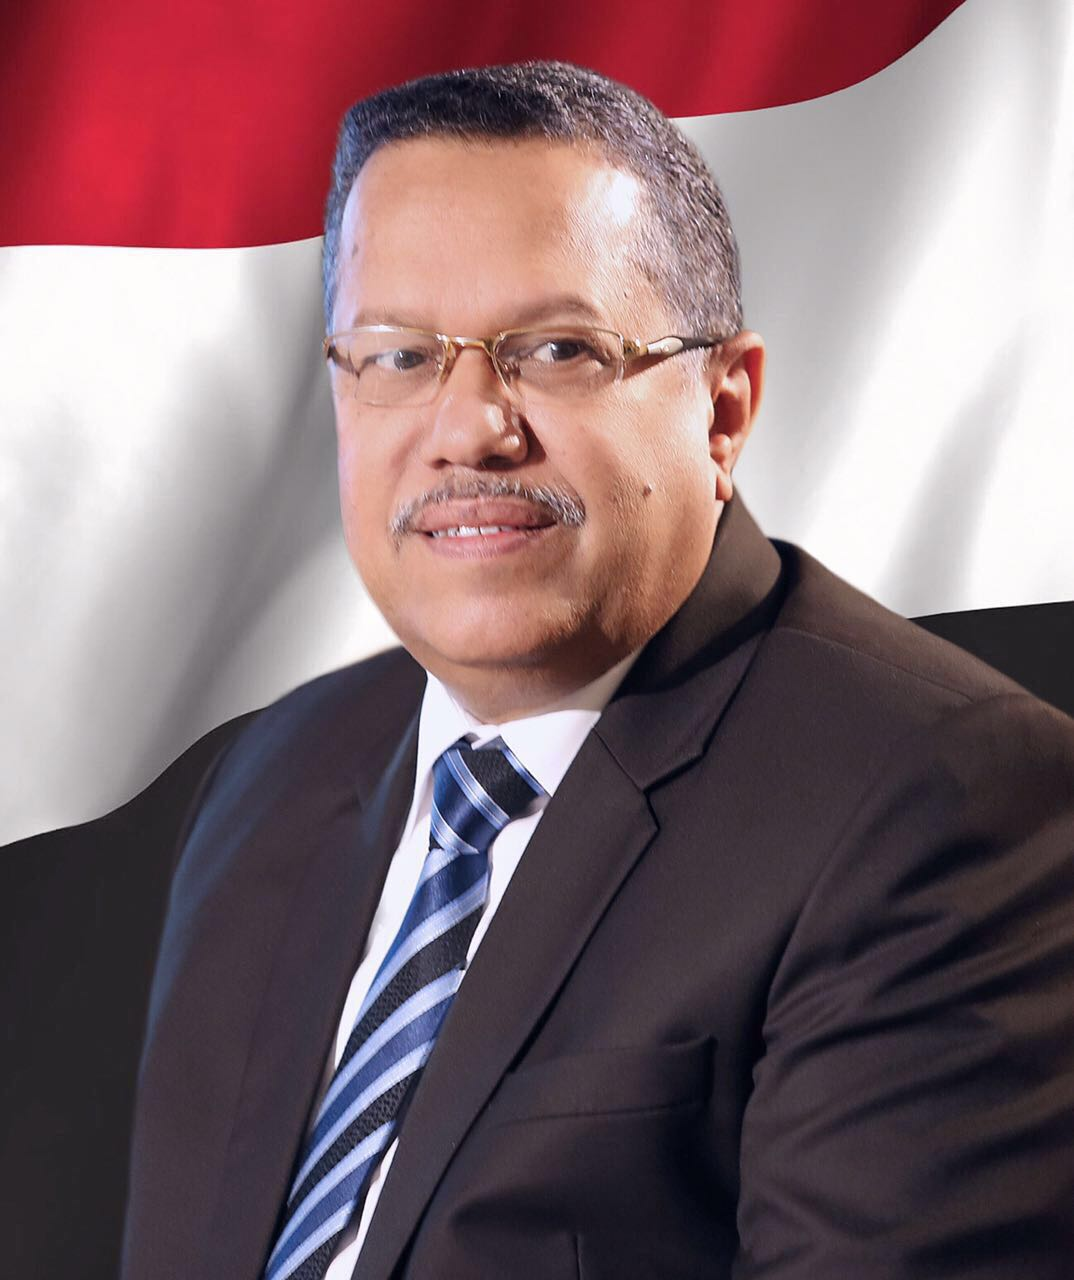 بن دغر يعزي دولة الإمارات في استشهاد عددا من جنودها بمحافظة الحديدة